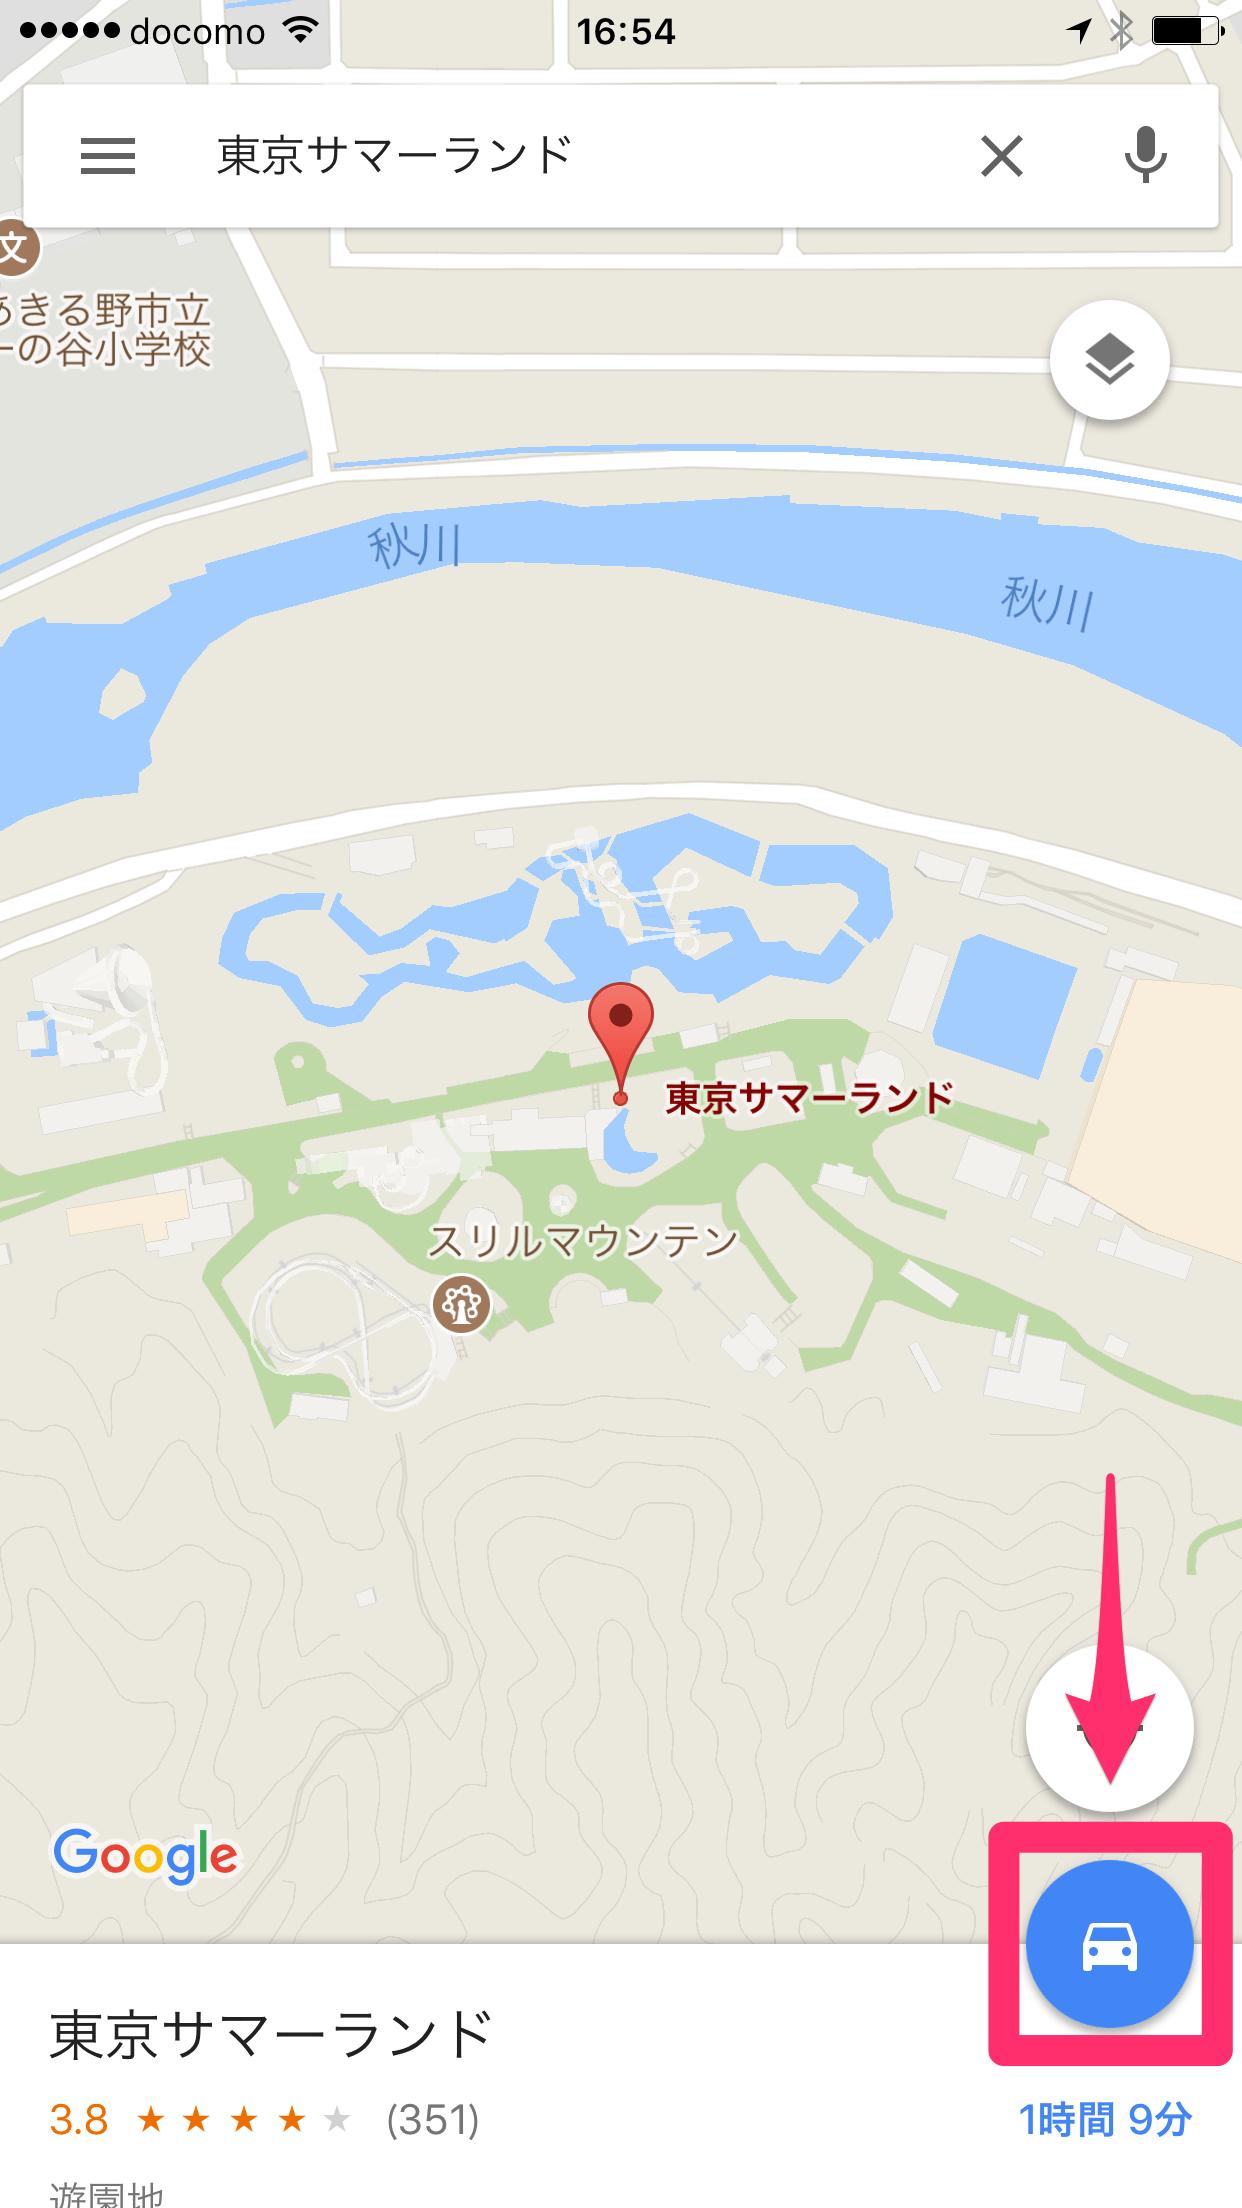 夏休みのお出かけ前に! スマホのGoogleマップで「混雑」を調べる3つの方法